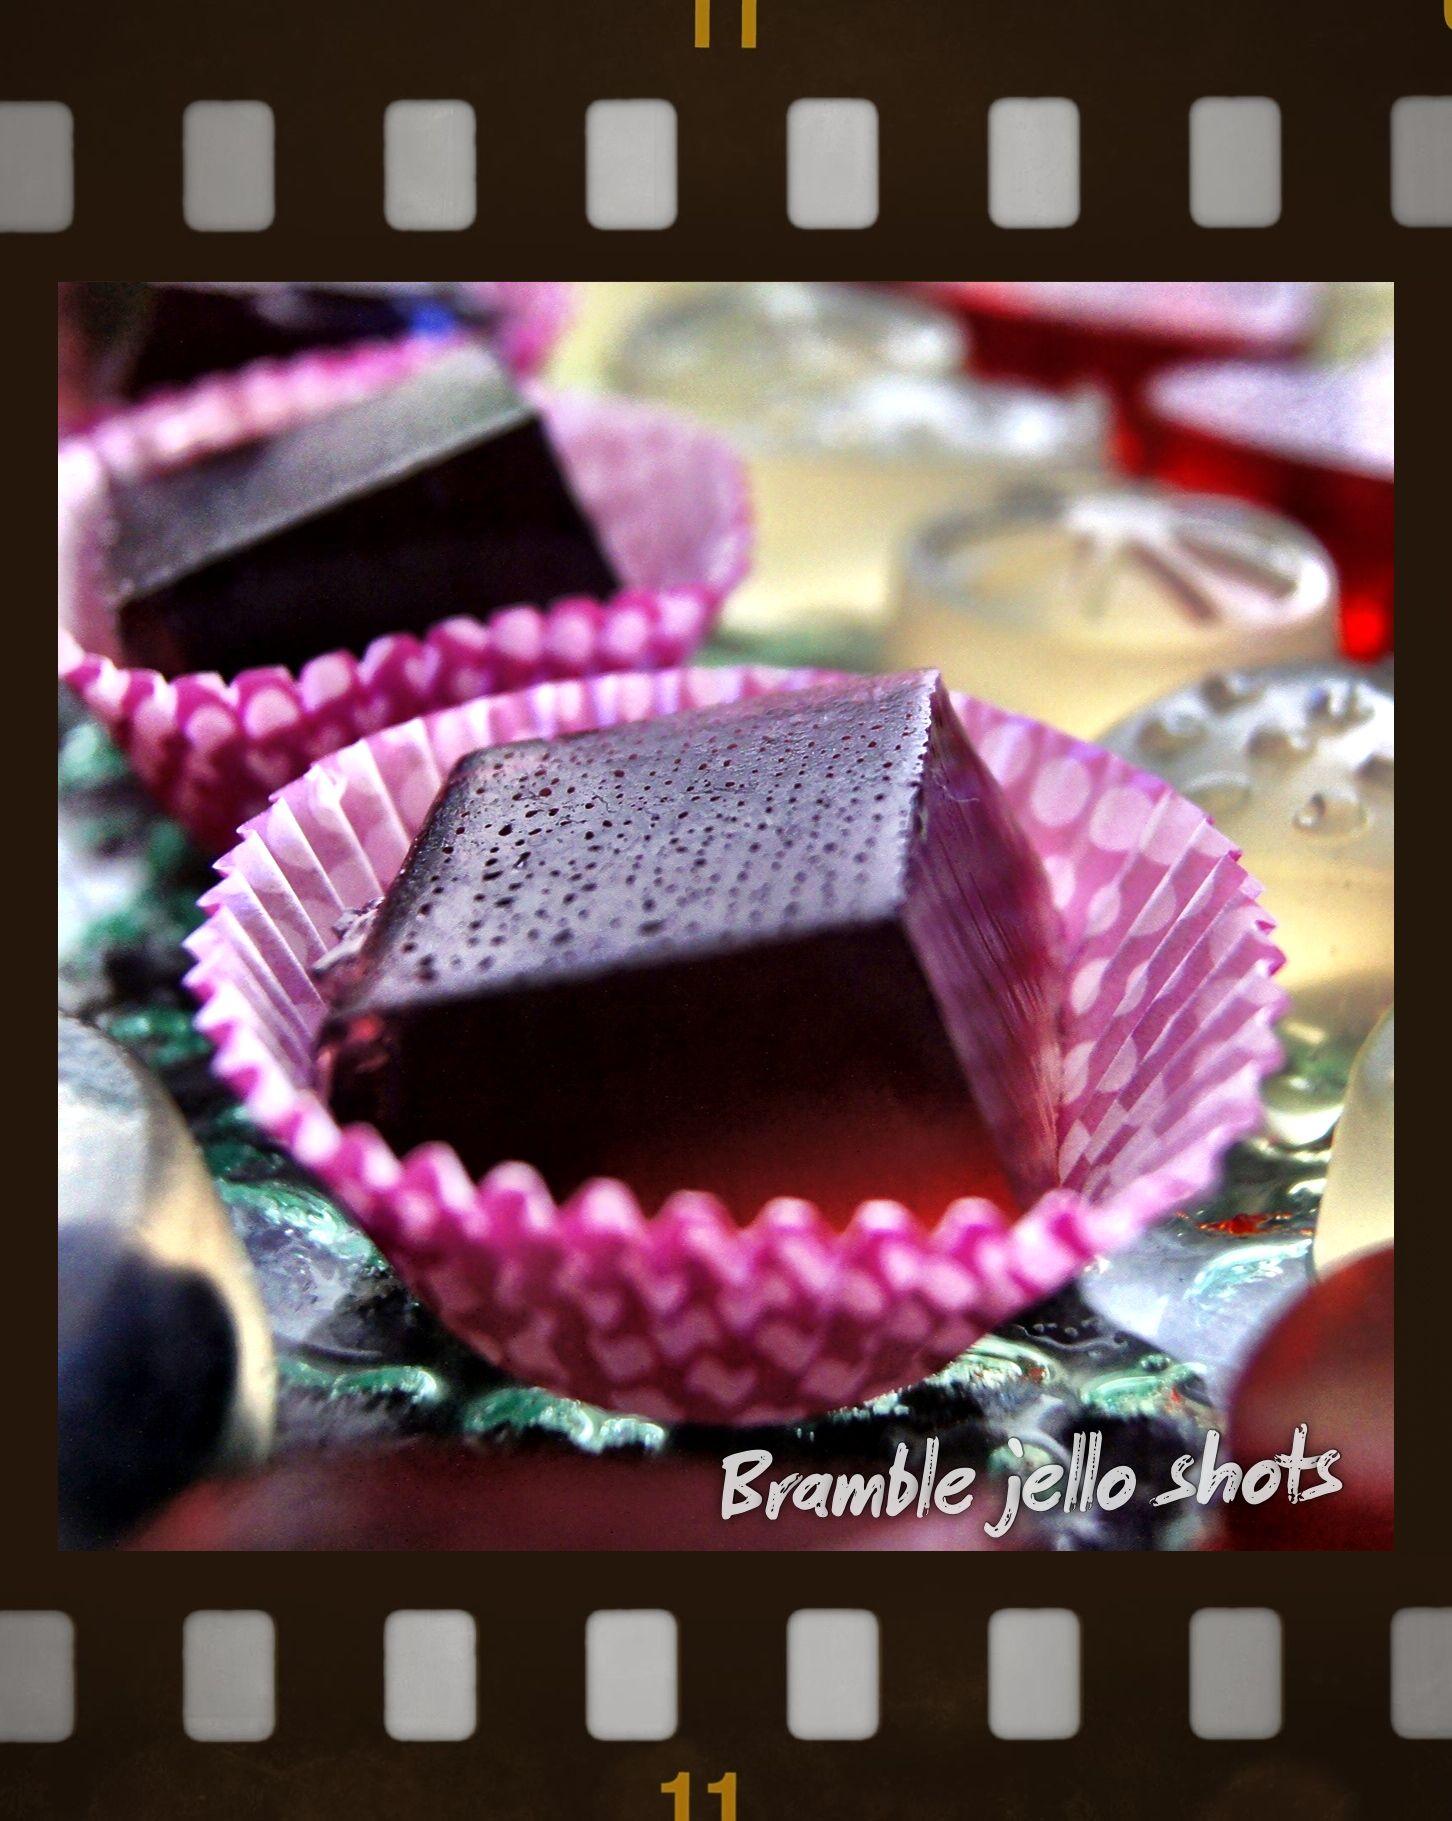 Bramble Jello Shots | Jello Shots | Pinterest